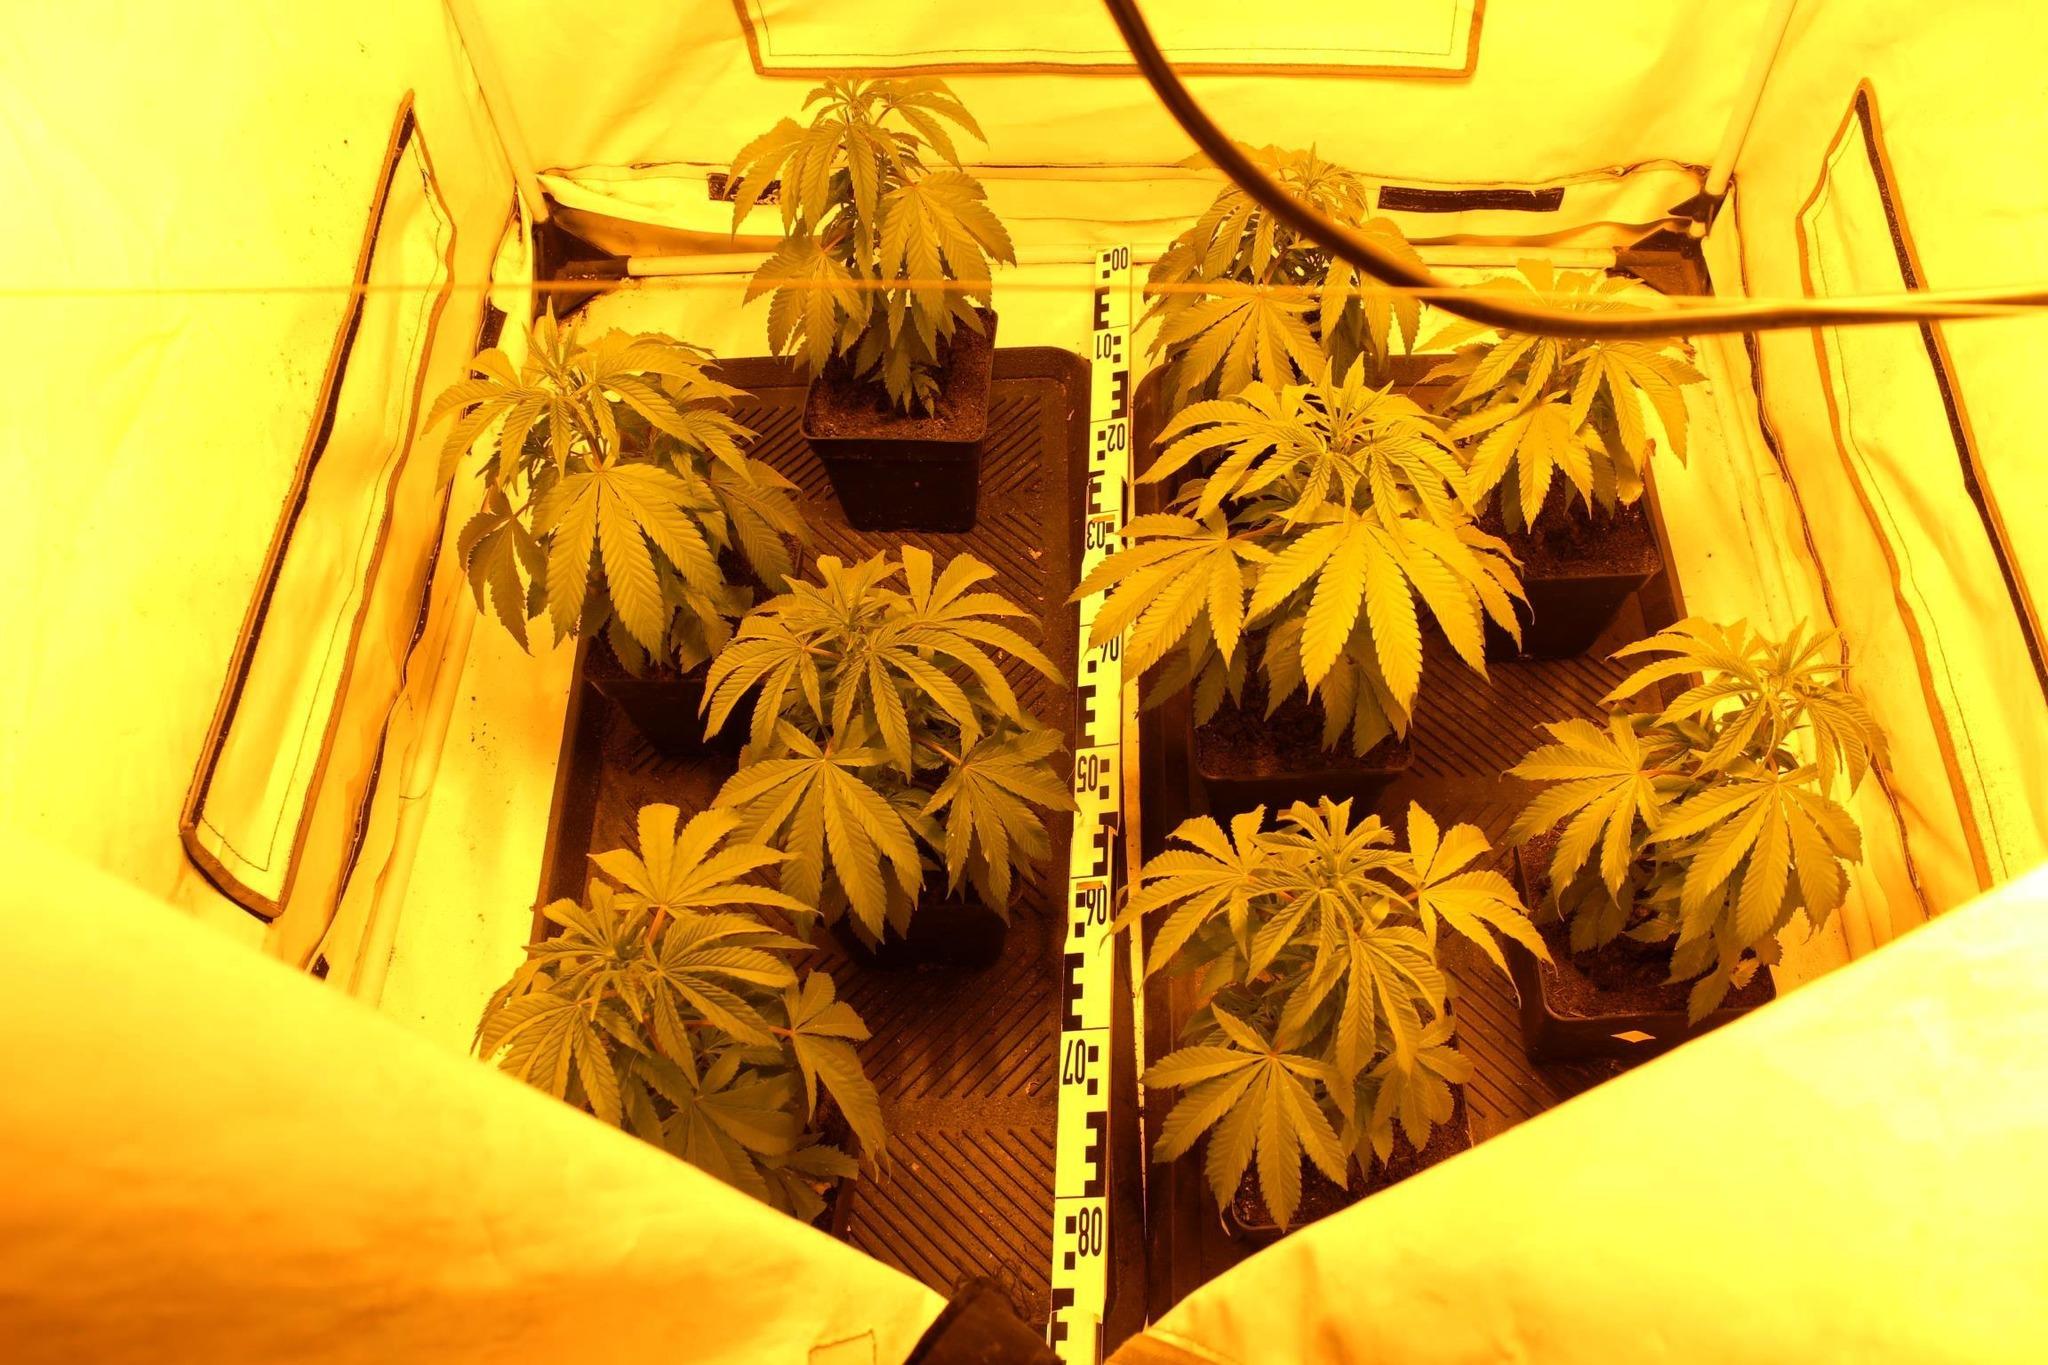 cannabis in sch tzen mehrere pflanzen und 100g bl ten in keller und auto entdeckt eisenstadt. Black Bedroom Furniture Sets. Home Design Ideas